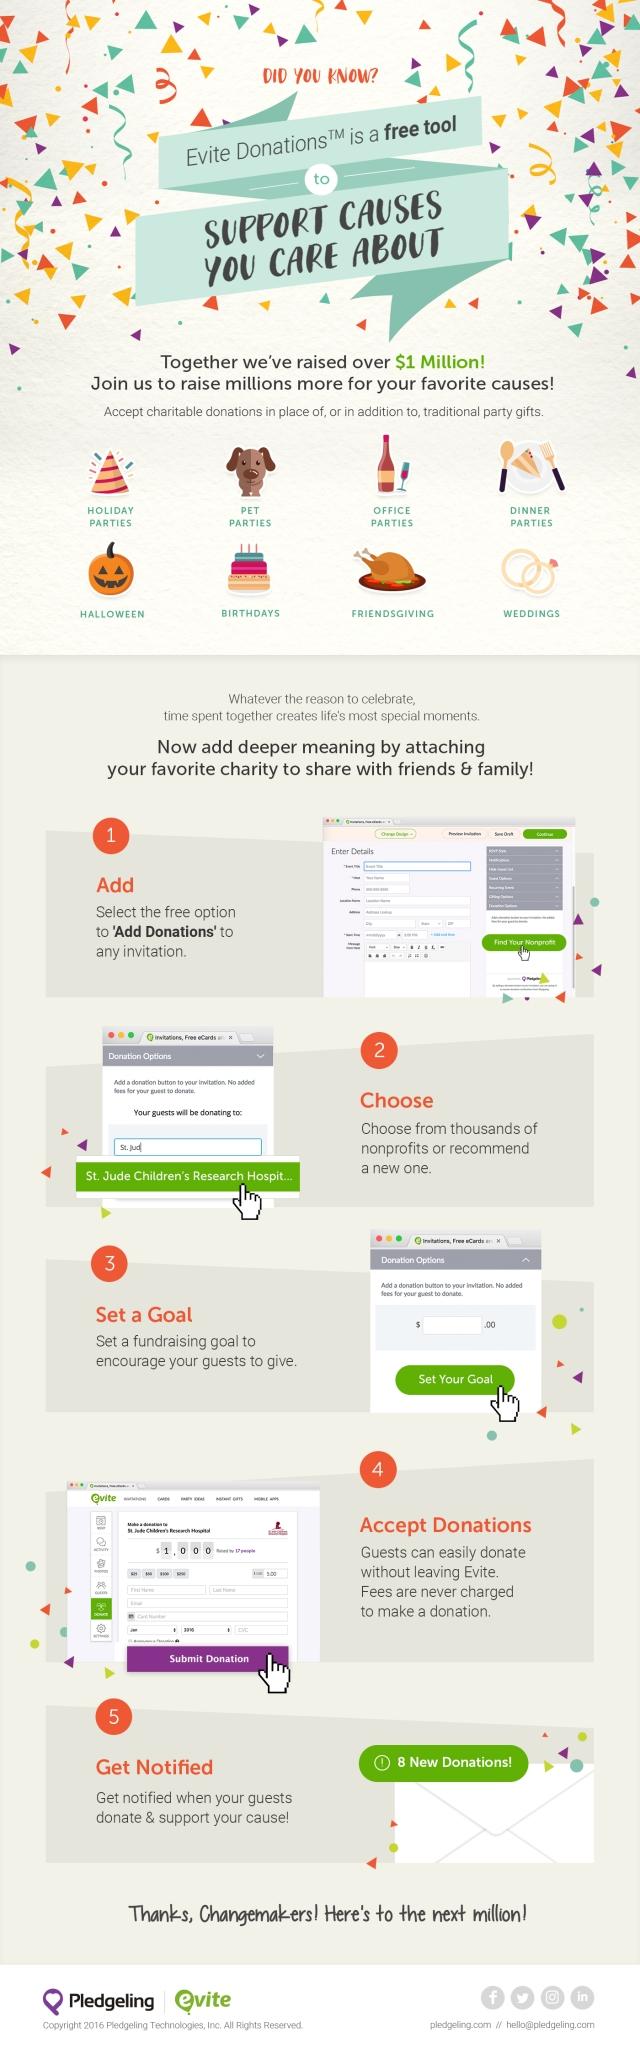 Evite_Infographic.jpg